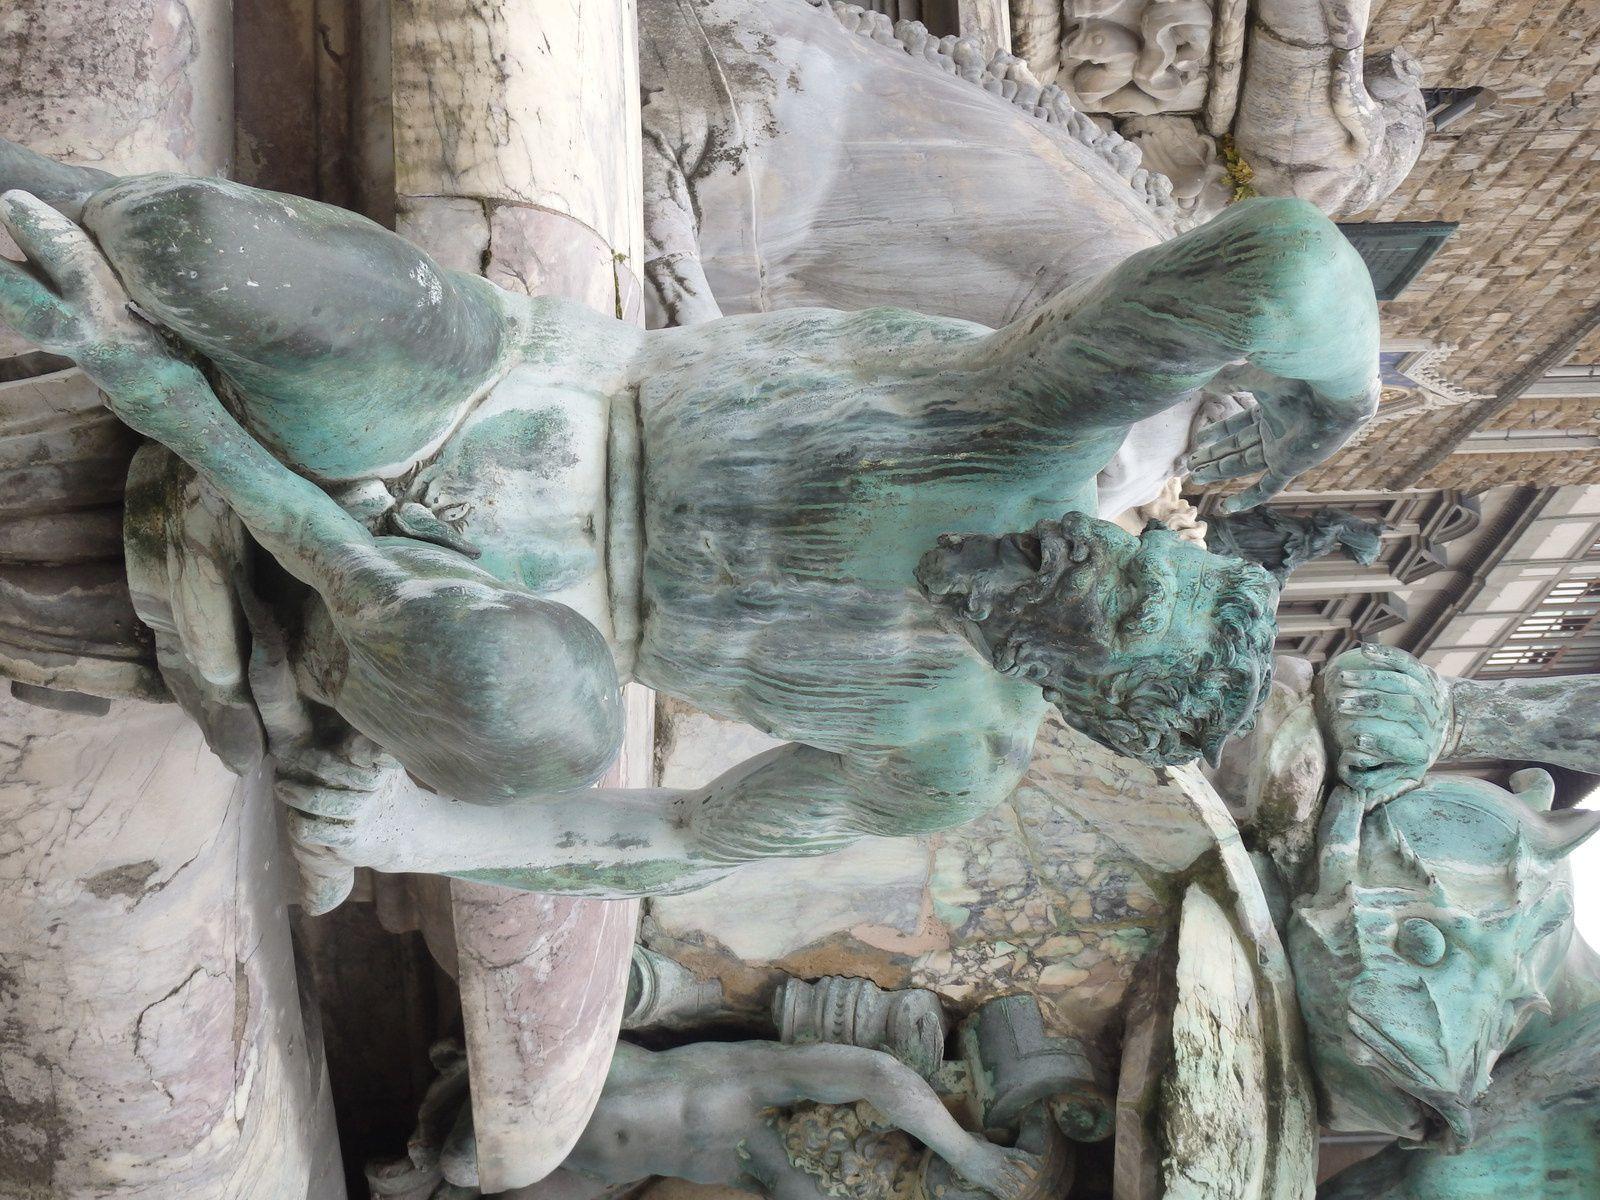 Décapitation - Fontaine de Neptune